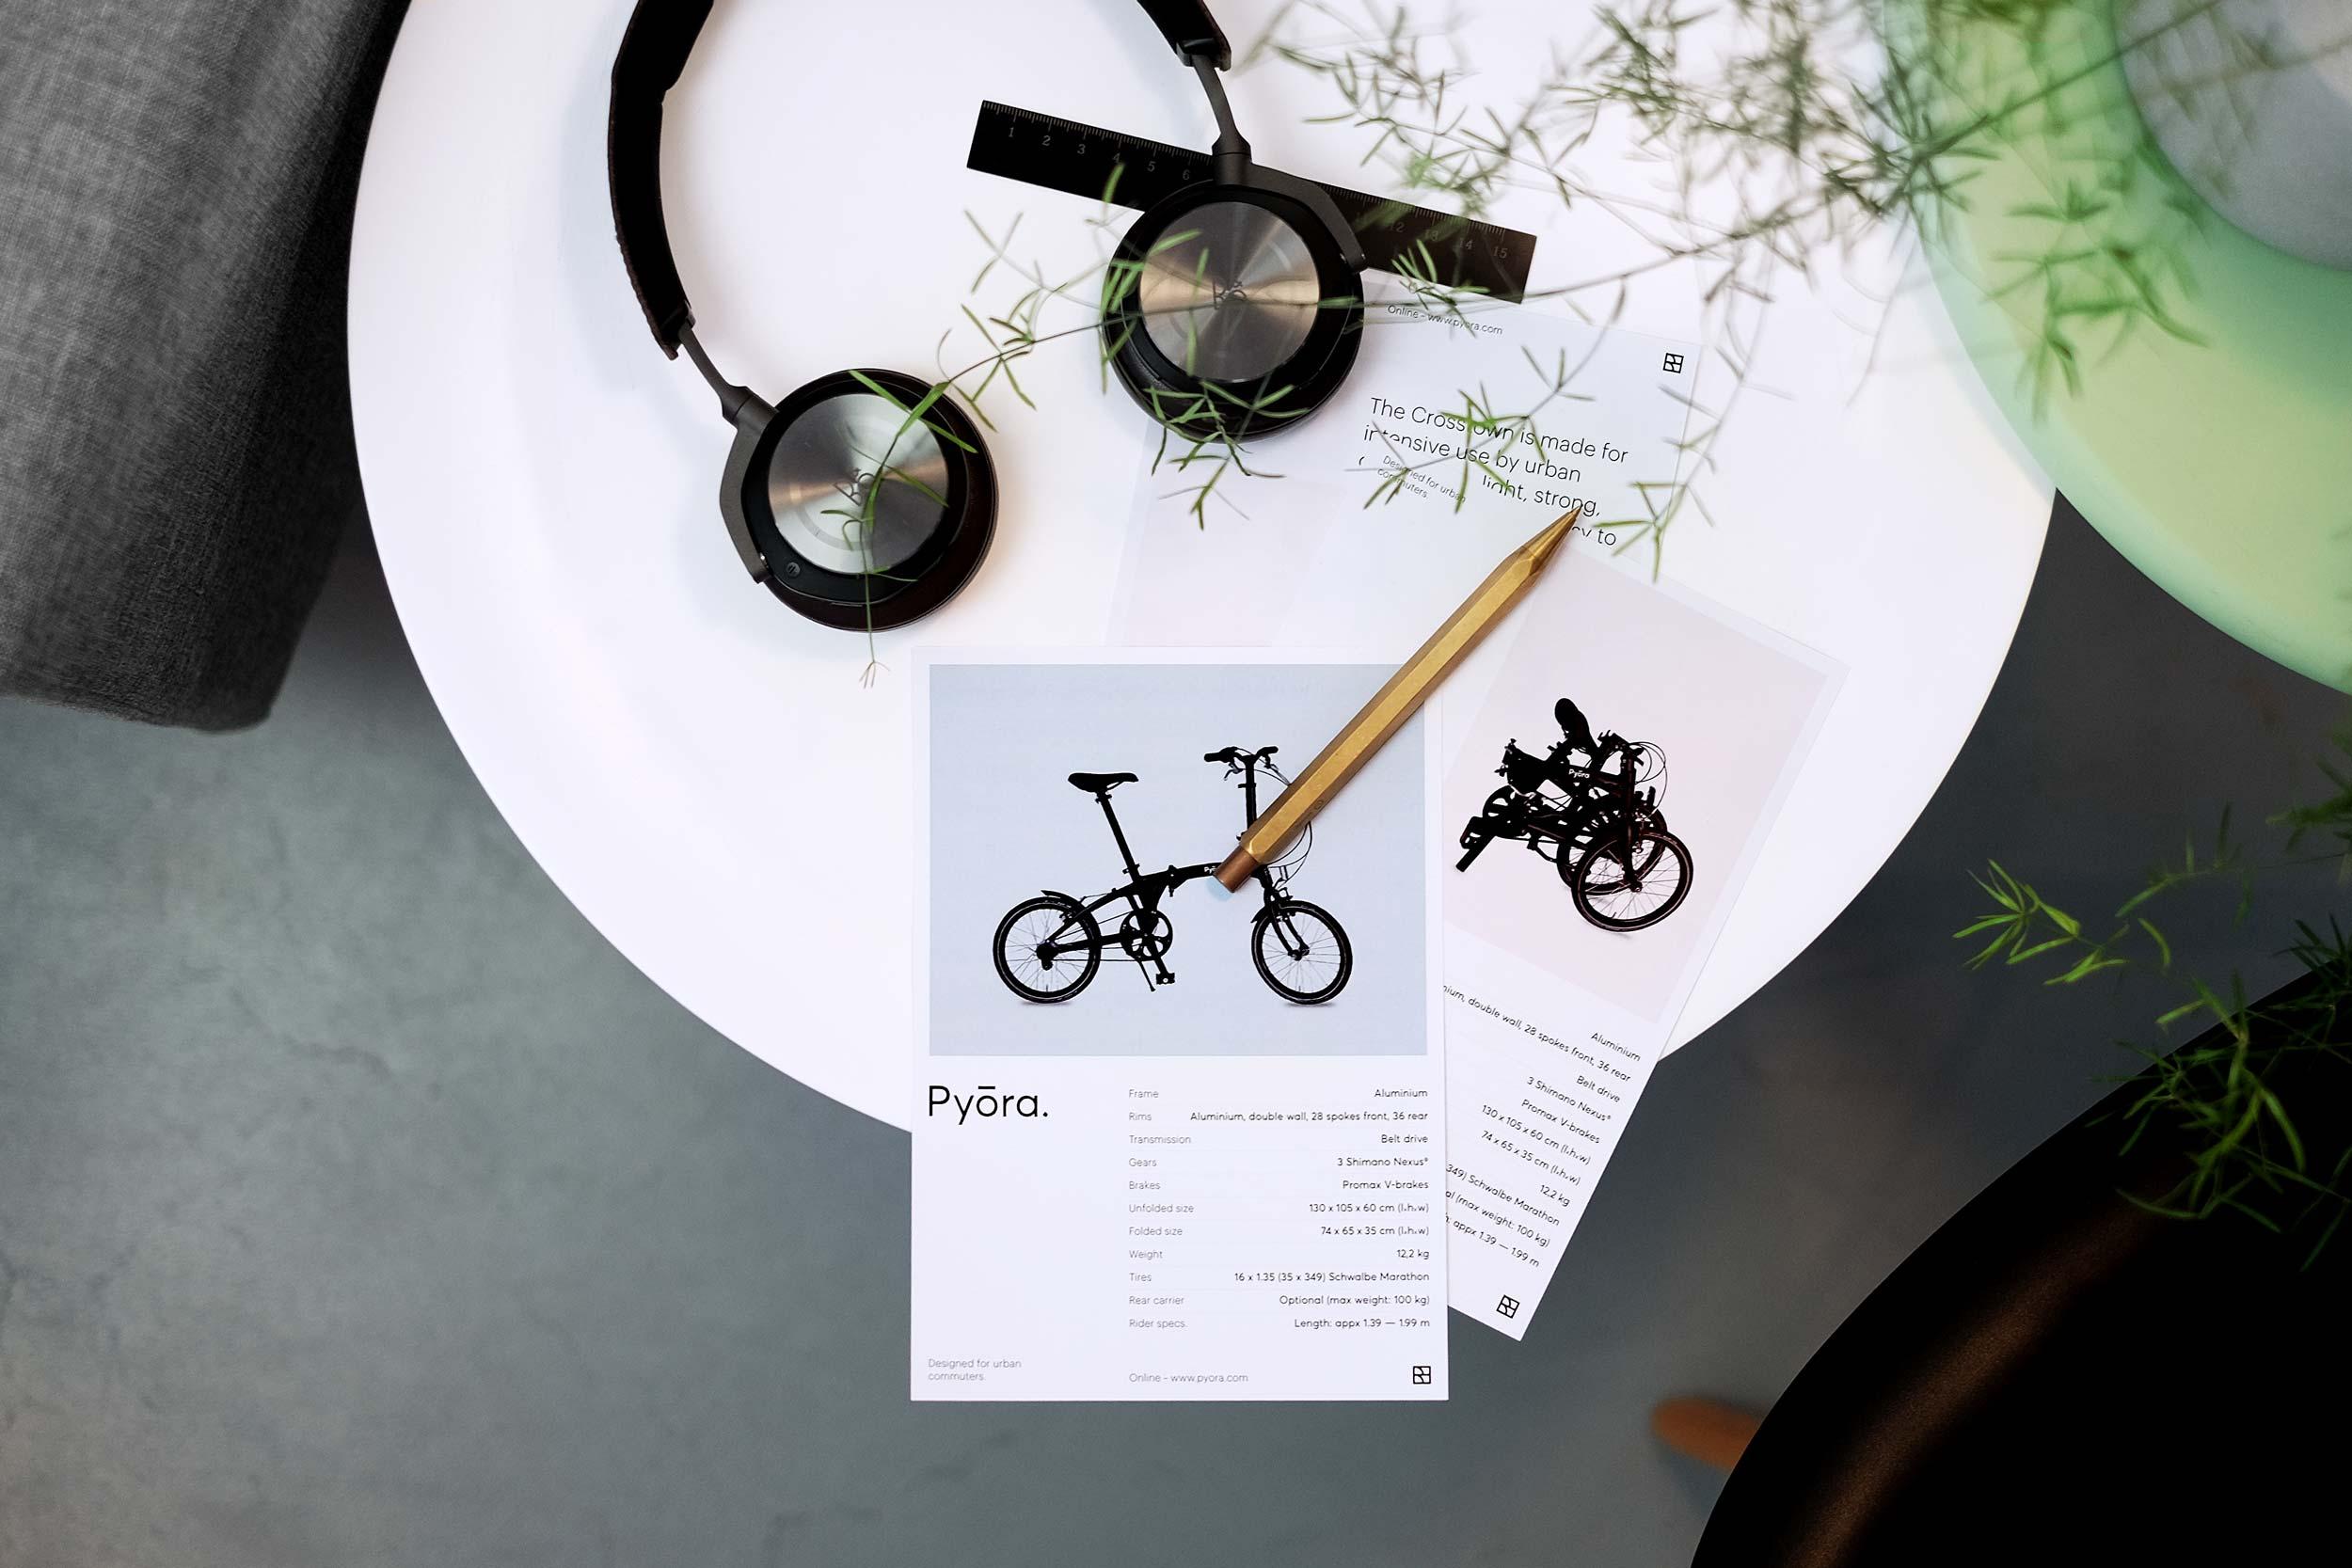 Twee Pyora product flyers op rond tafeltje met een Beoplay H8